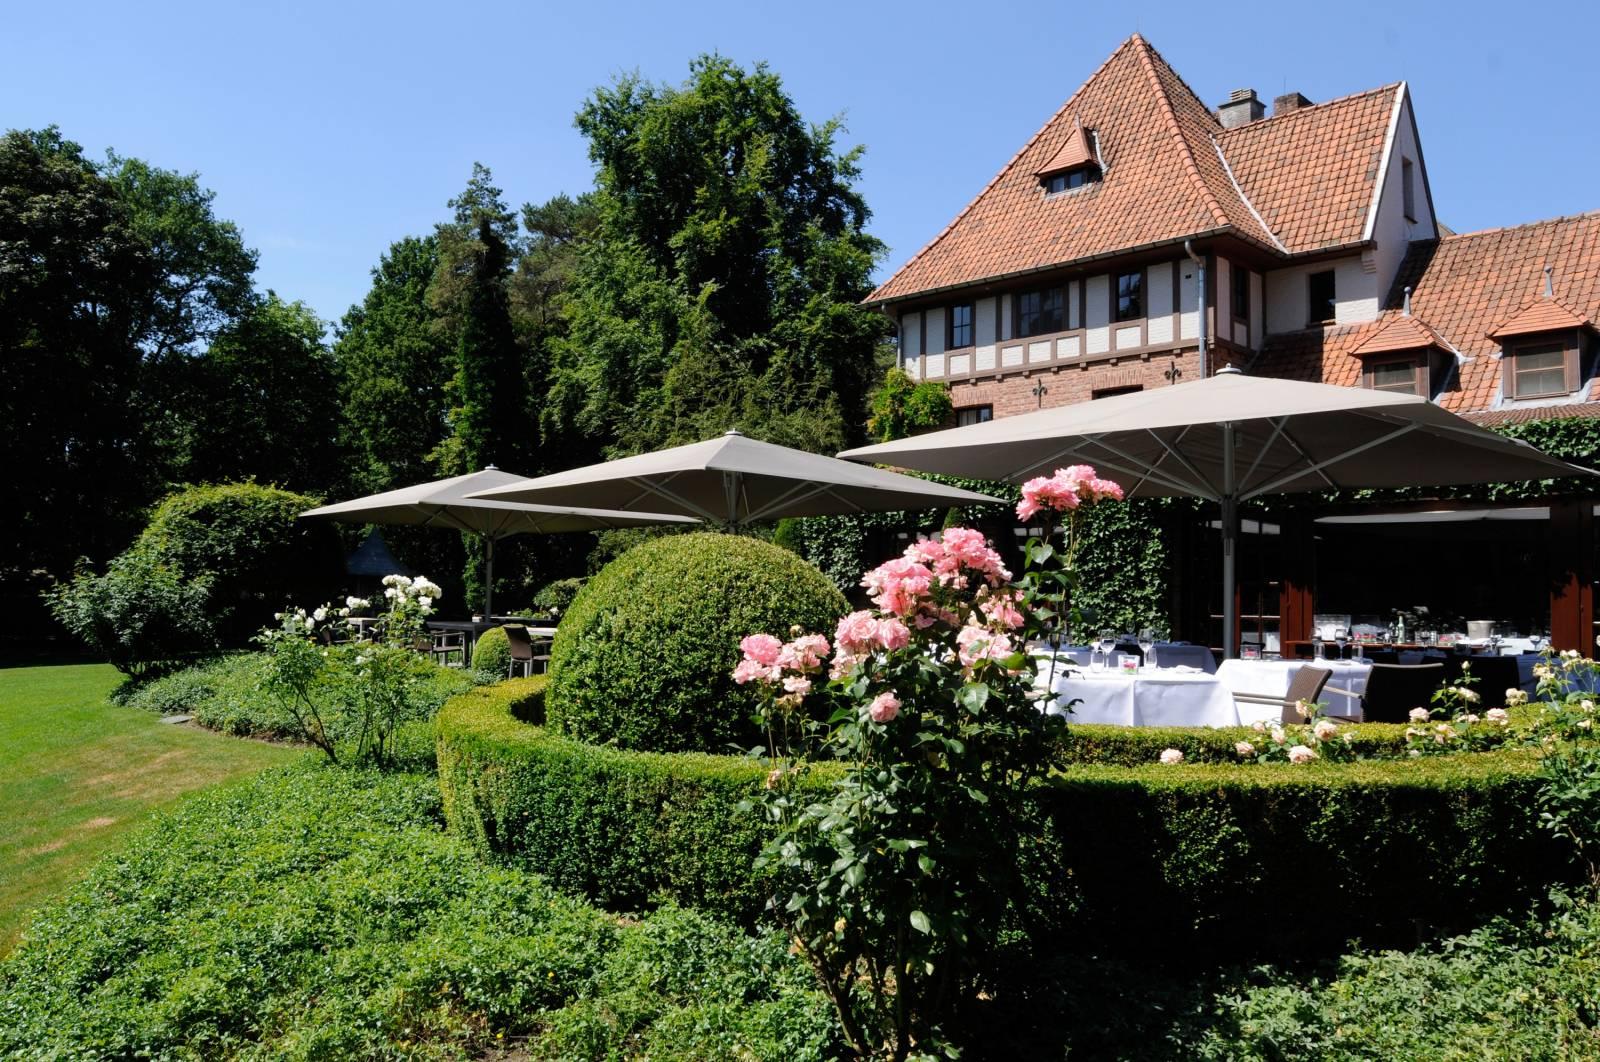 La butte aux bois - House of Weddings - 3